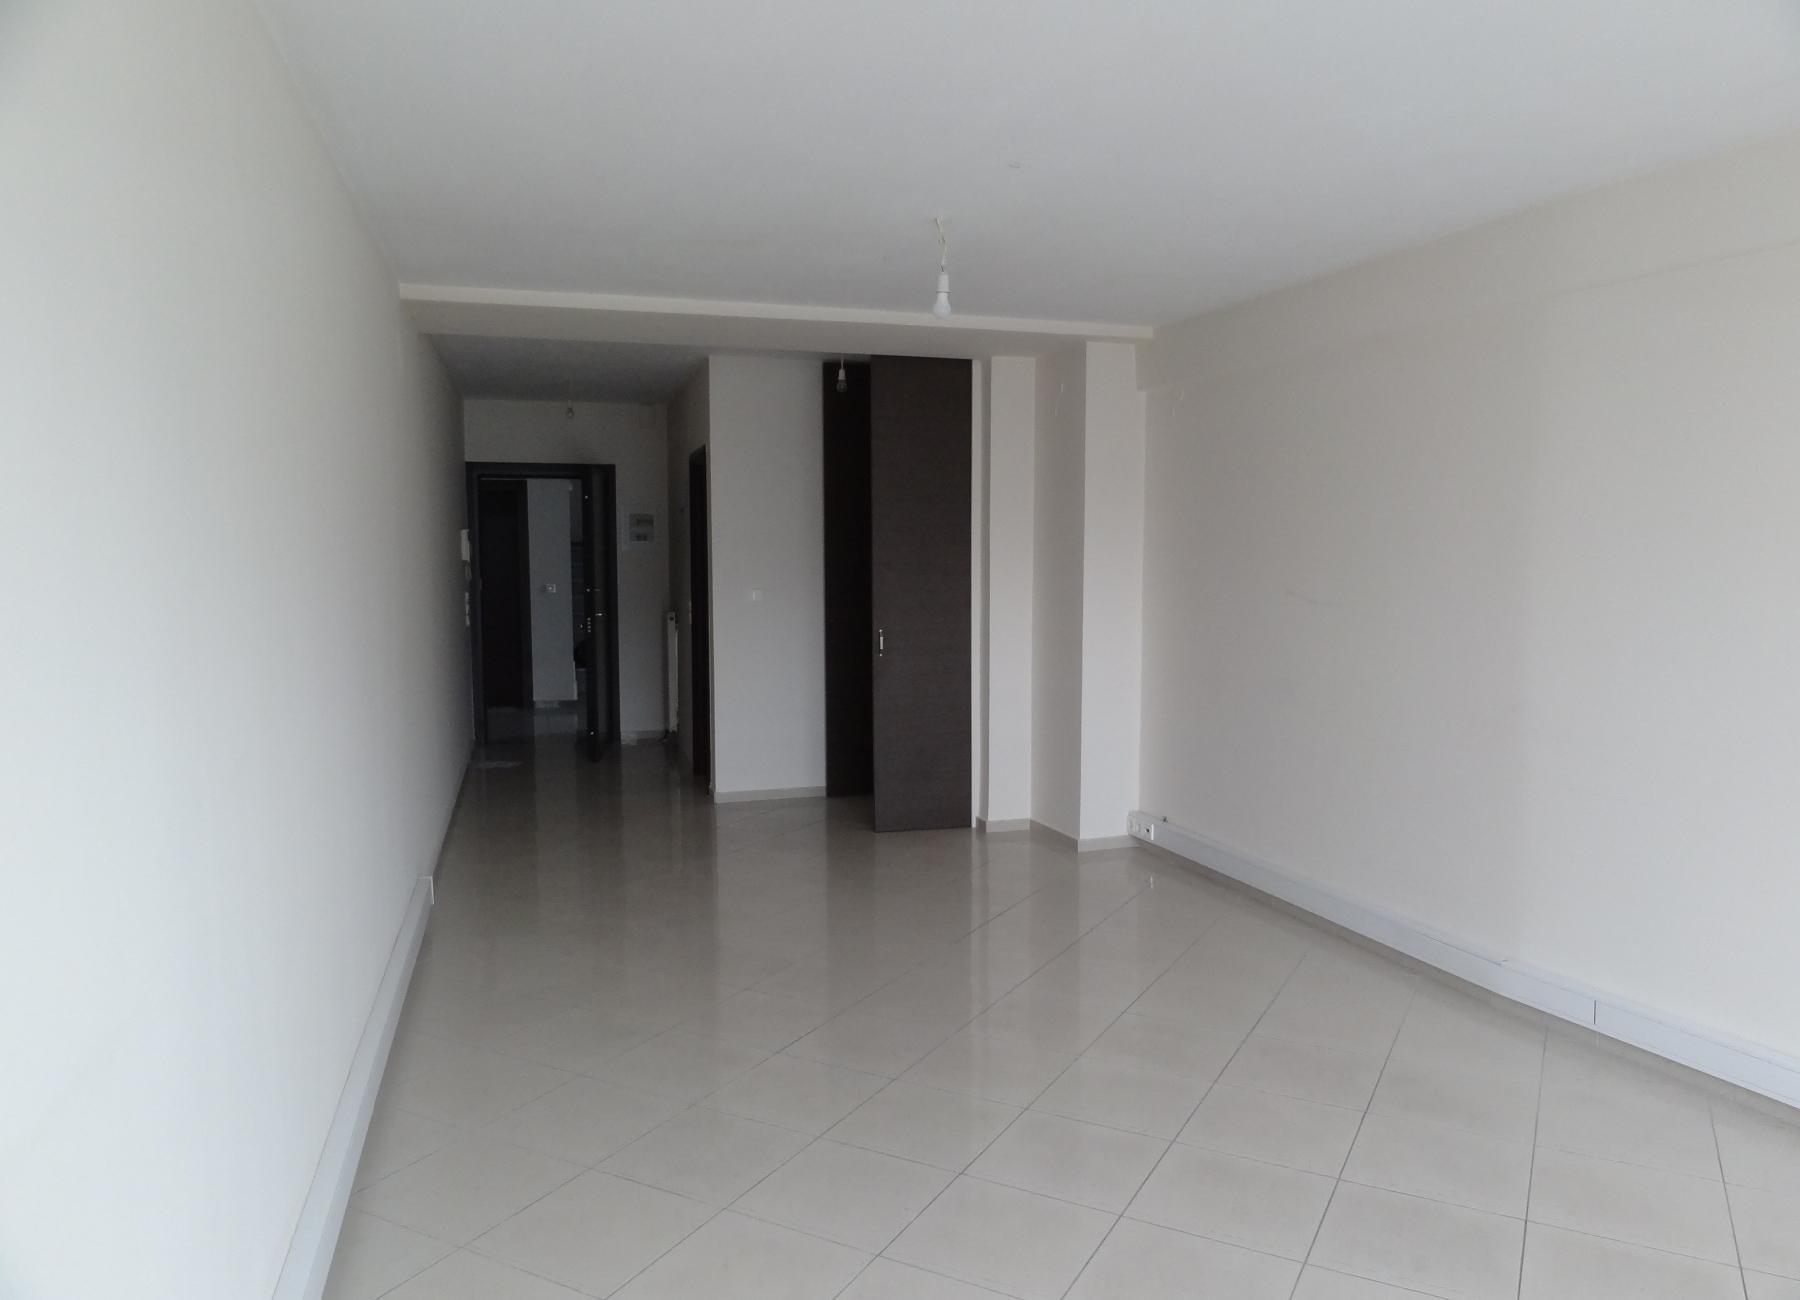 Ενοικιάζεται επαγγελματικός χώρος γραφείο 43 τ.μ. 2ου ορόφου σε κεντρικό σημείο στα Ιωάννινα